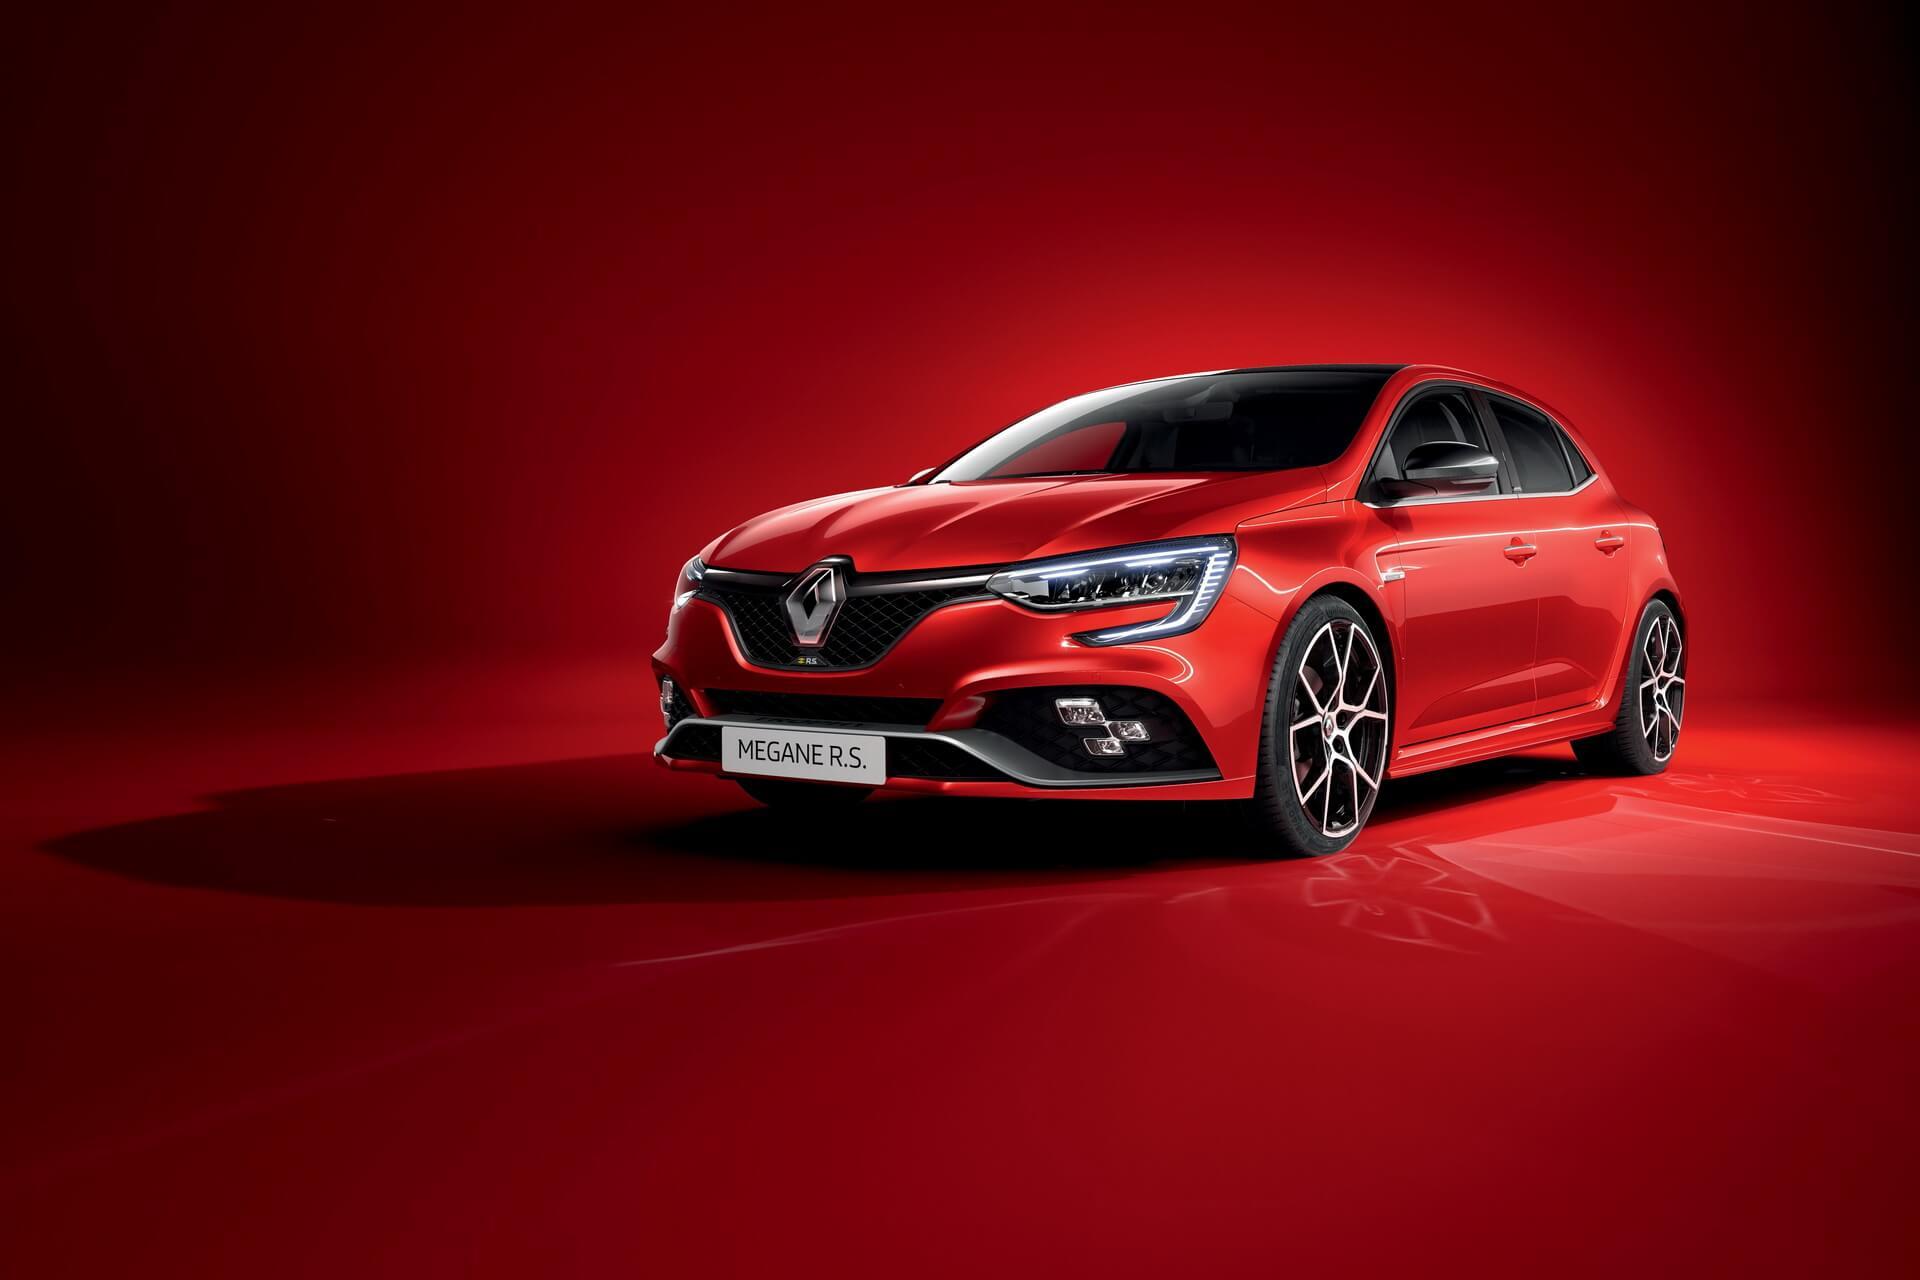 Генеральный директор компании Renault Лука де Мео планирует добавить в линейку модели Megane кроссовер.